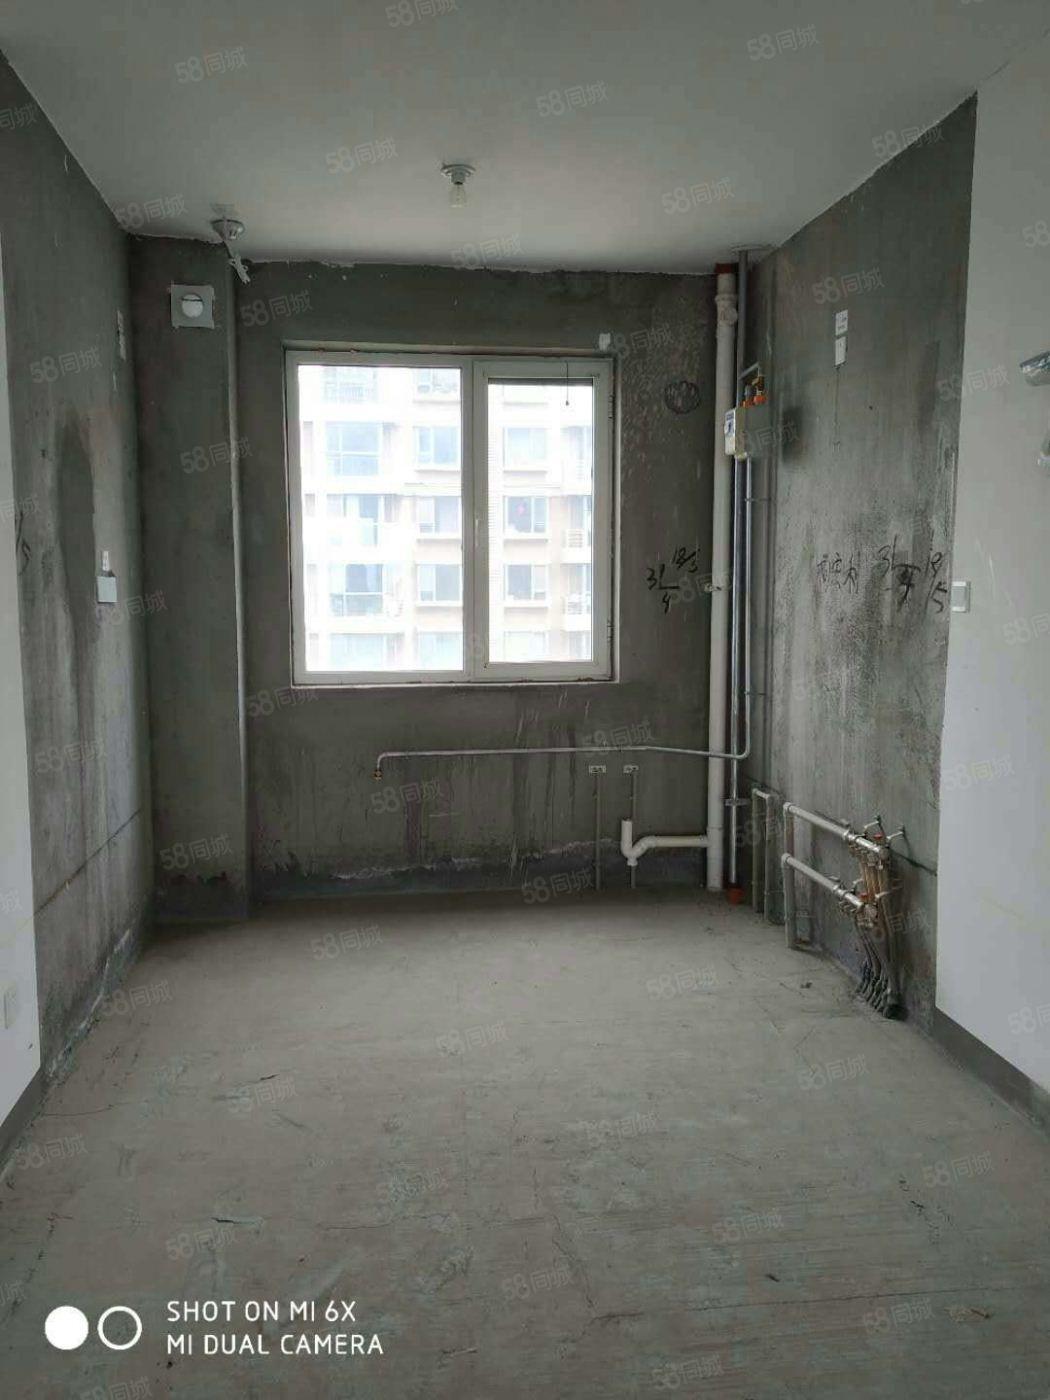 贺兰山路国子城尊享两居室一手房仅此一套